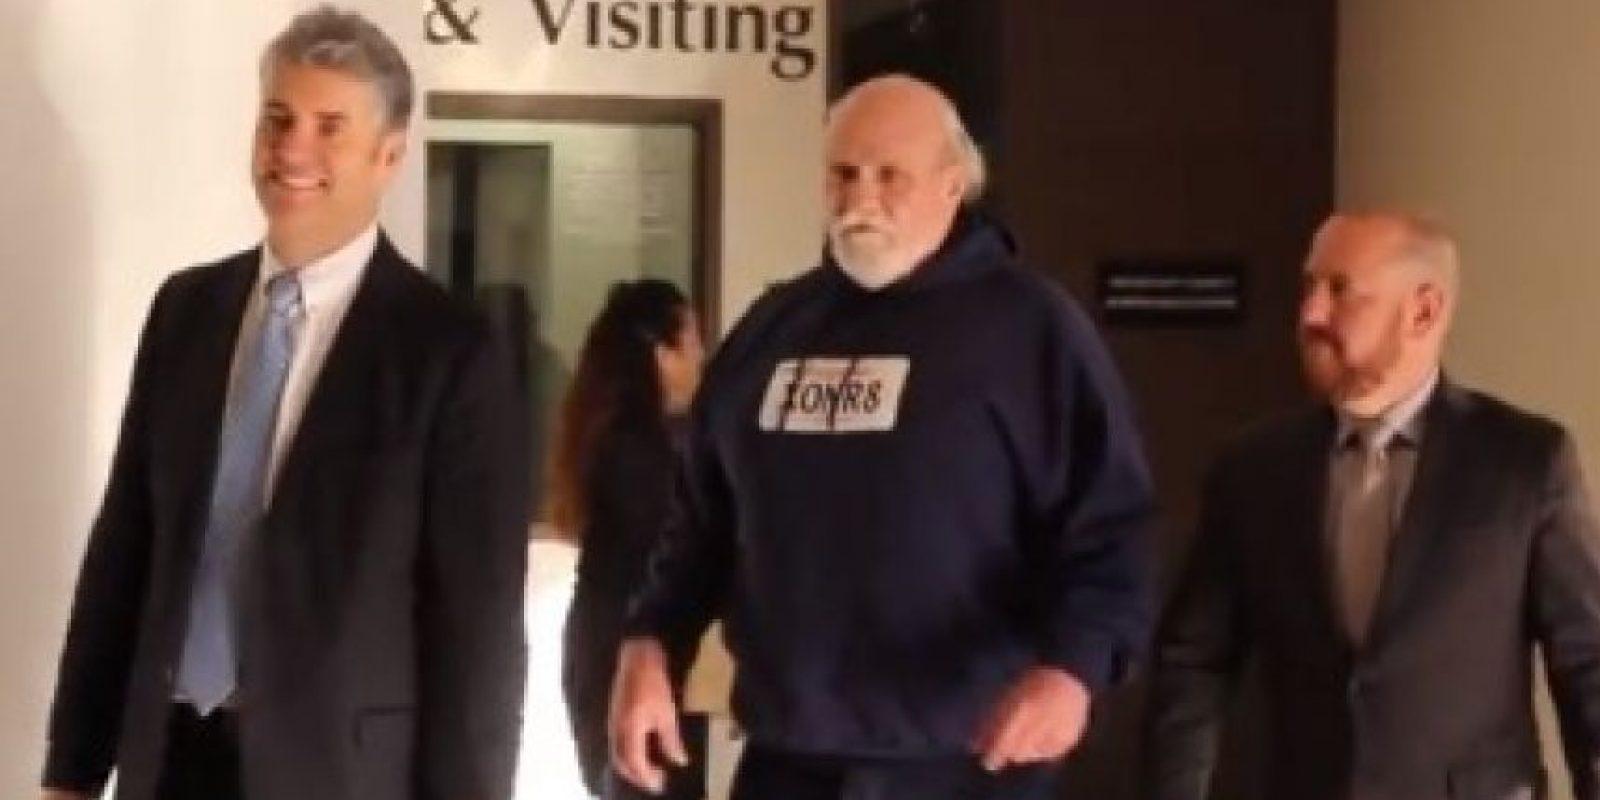 Pasó casi 37 años dentro del recinto penintenciario Foto:Vía Youtube/California Innocence Project